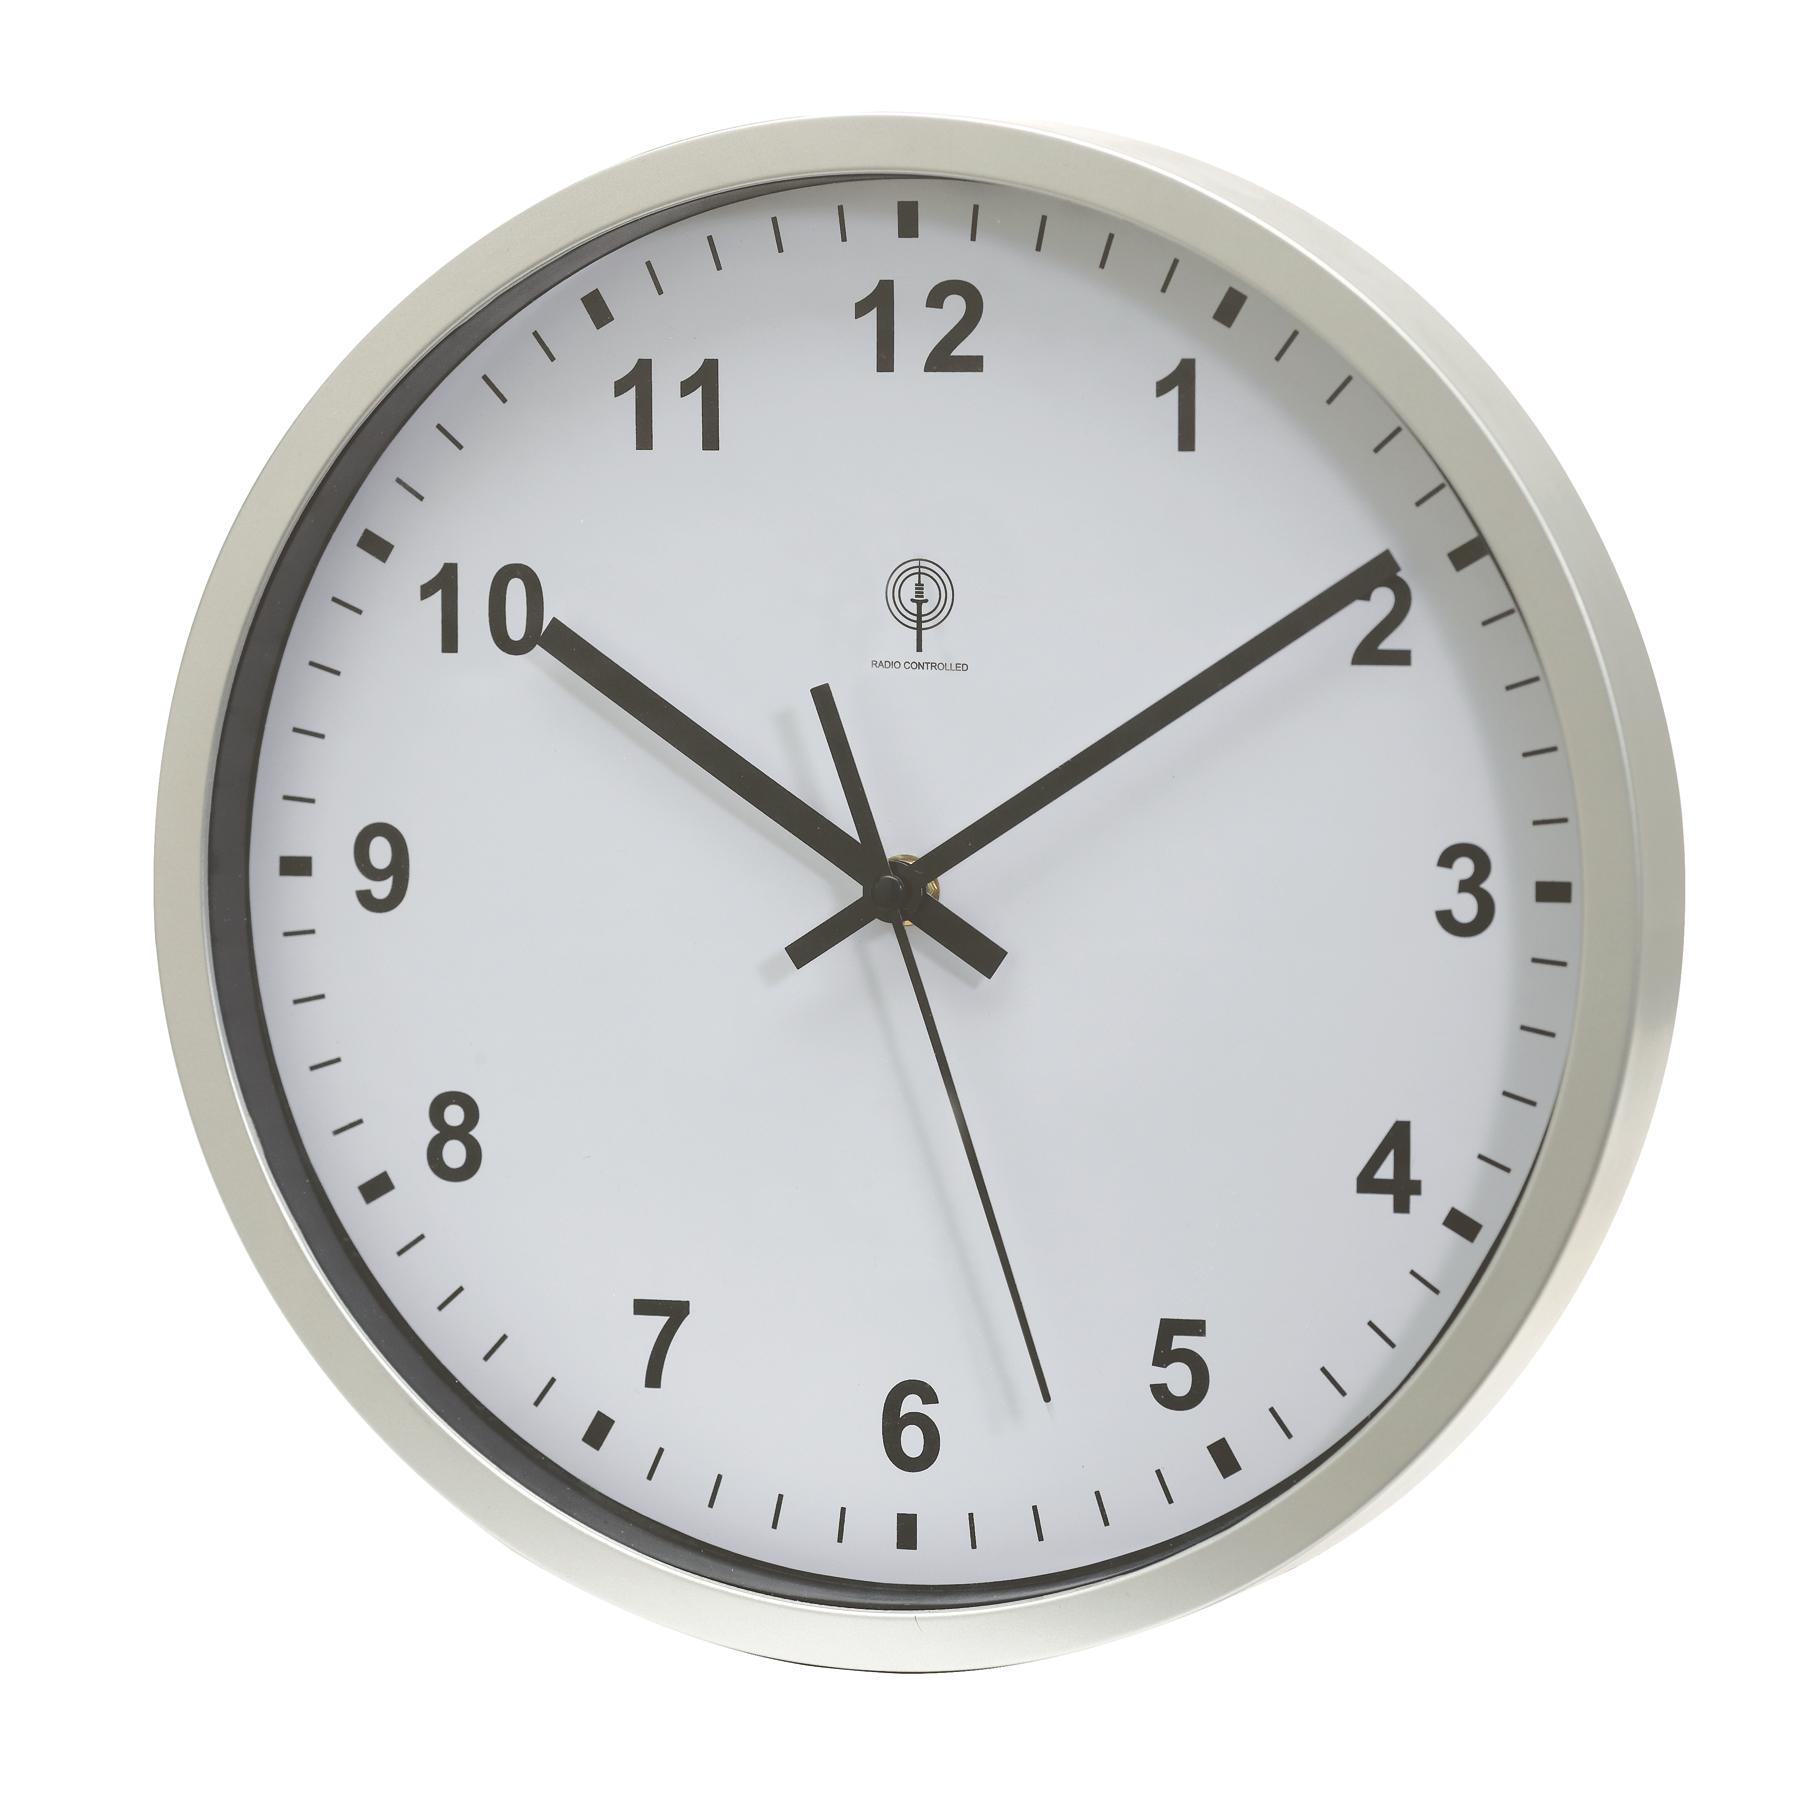 Zegar sterowany radiowo NEPTUNE, biały, srebrny